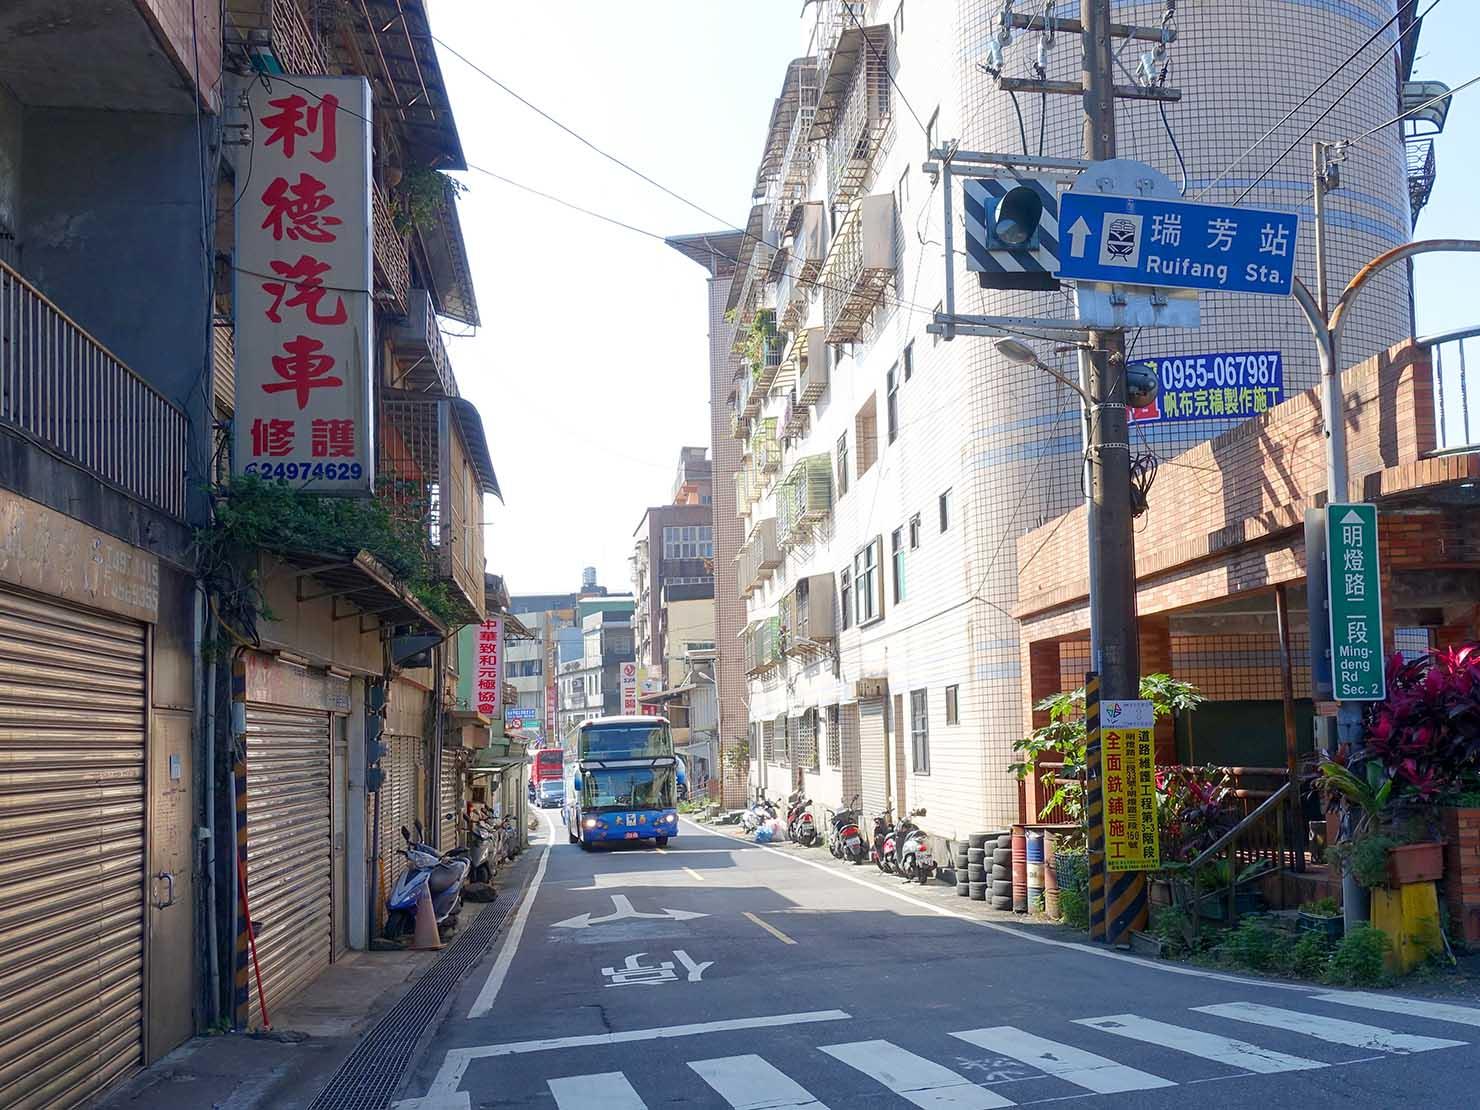 台北・瑞芳市街への標識